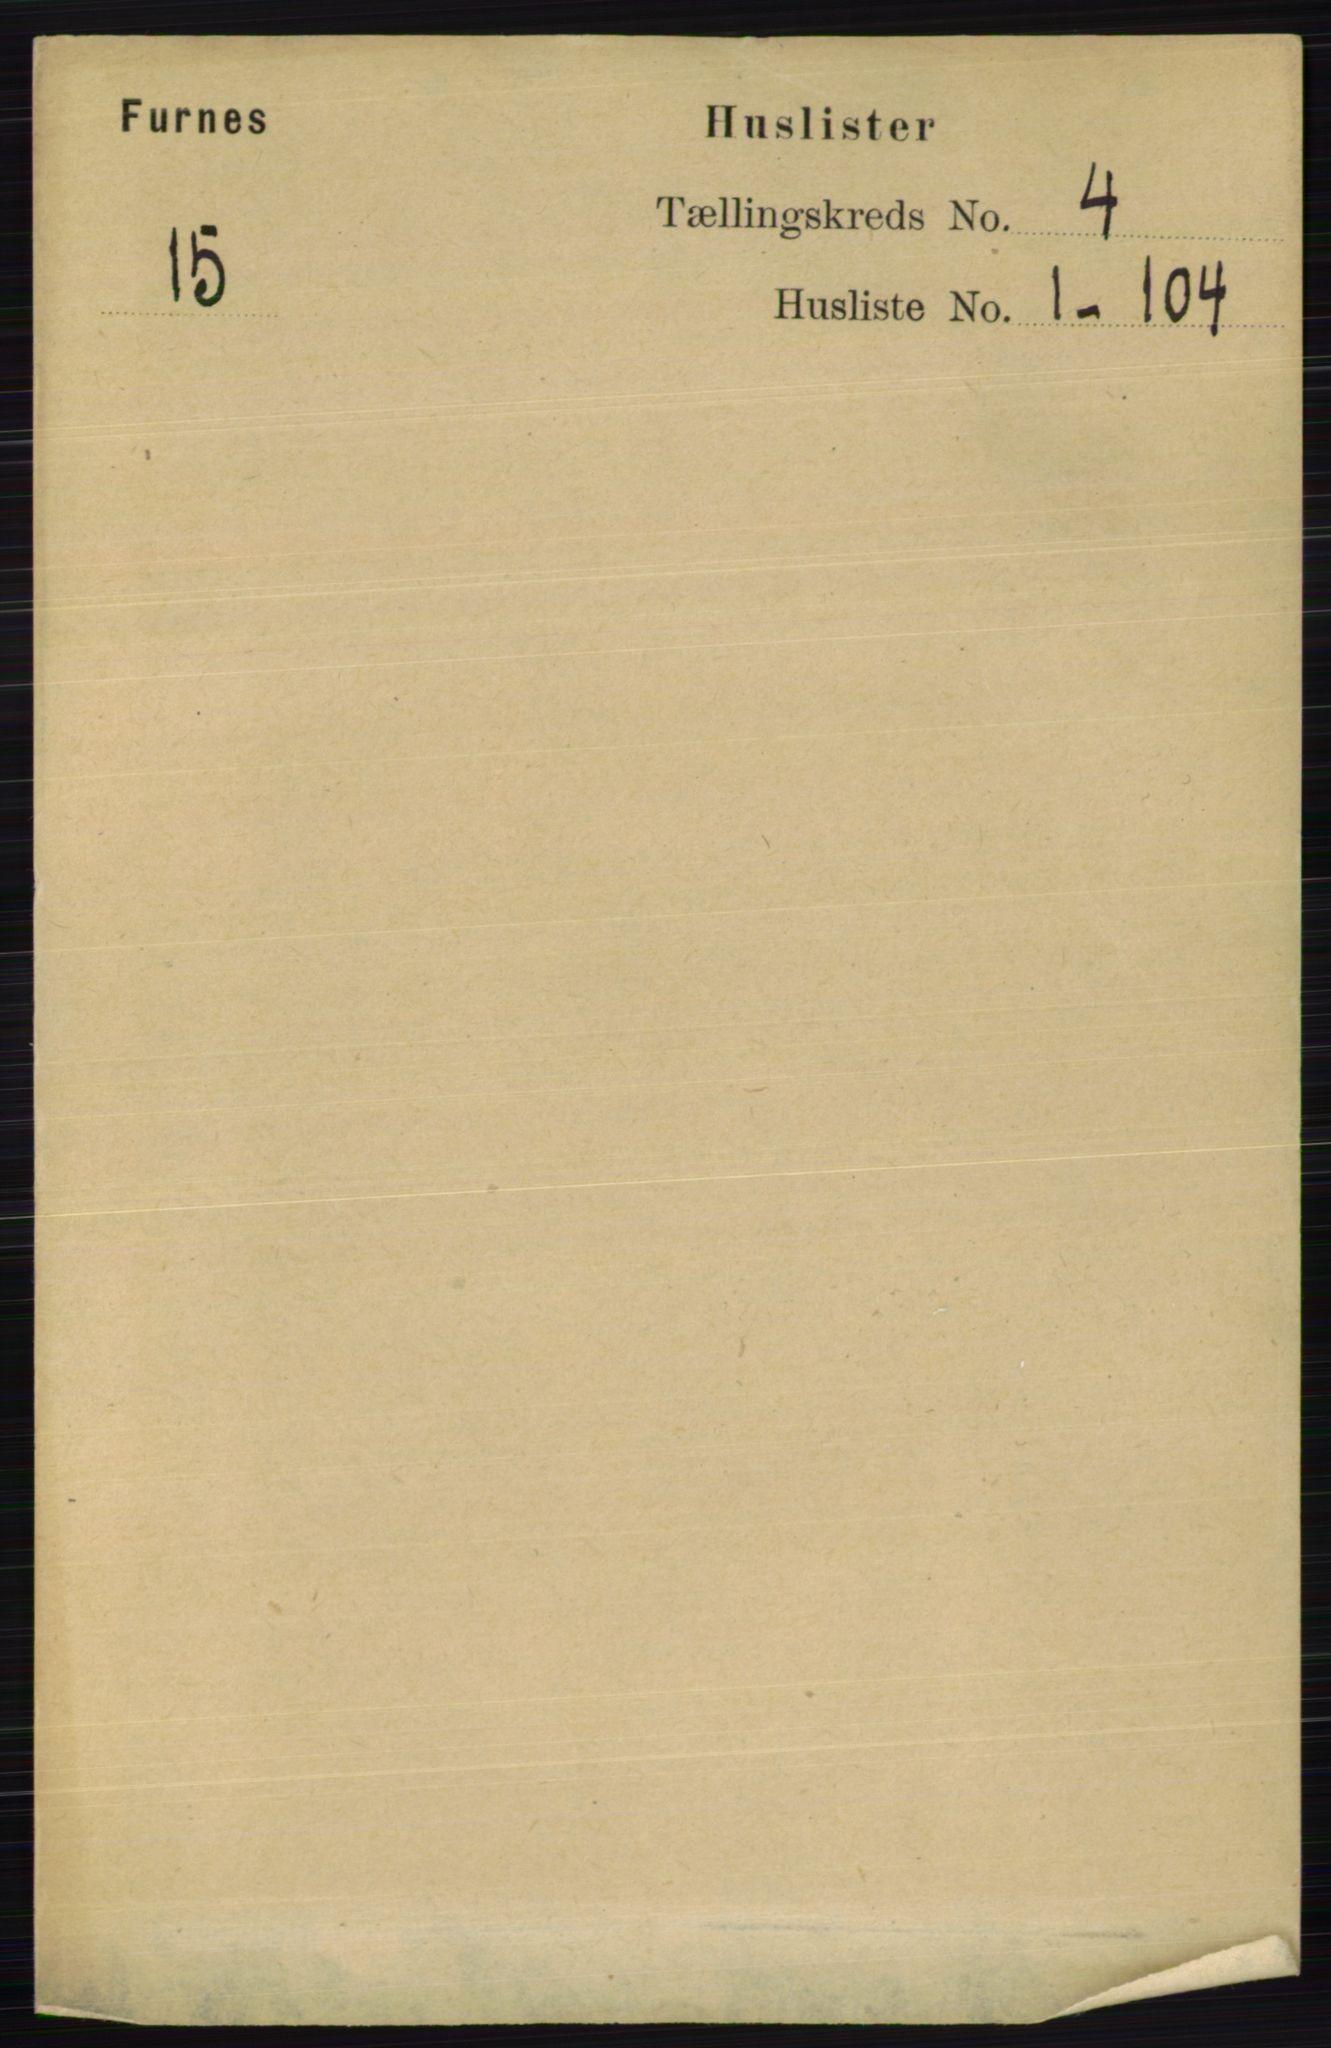 RA, Folketelling 1891 for 0413 Furnes herred, 1891, s. 2353